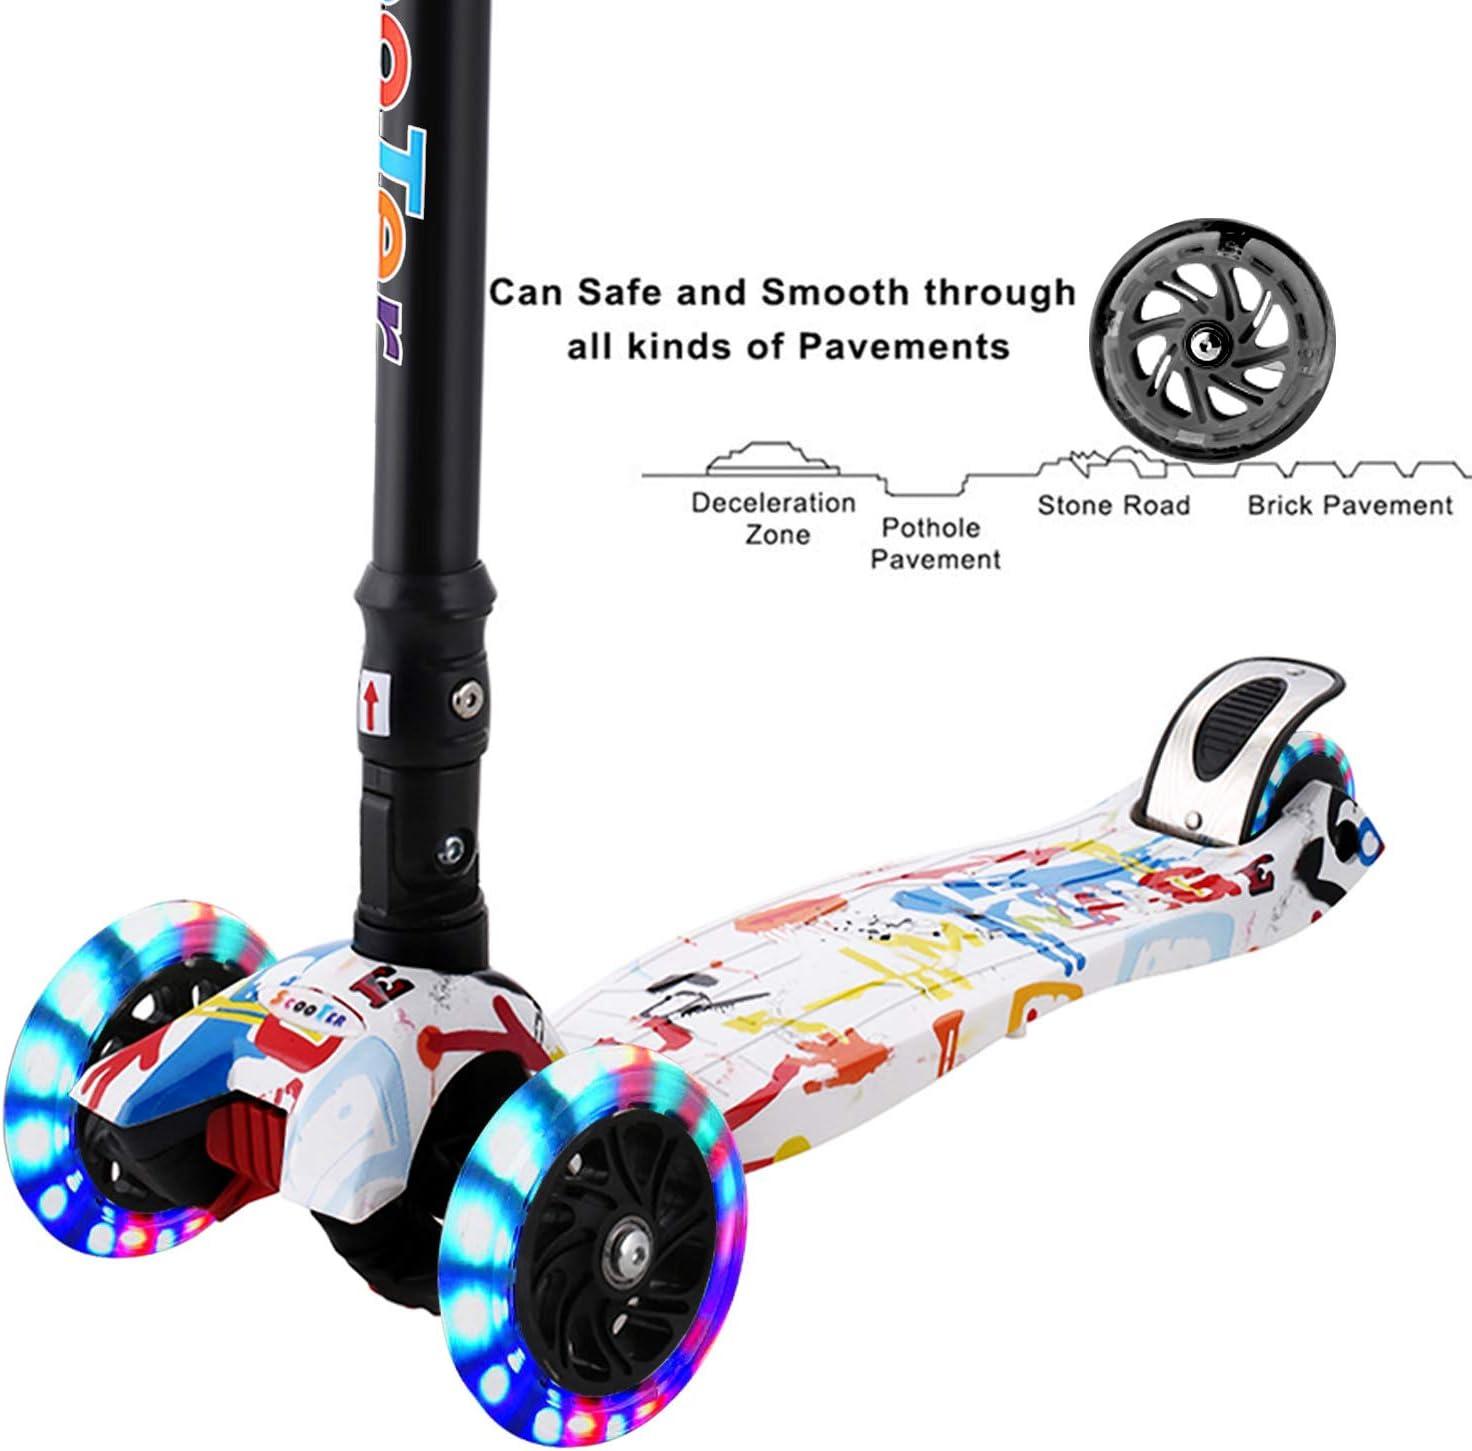 con Manubrio anodizzato Regolabile in Altezza e Ruote LED Lampeggianti carico Fino a 50 kg Pieghevole Hikole Monopattino per Principianti a 3 Ruote per Bambini da 3 a 12 Anni